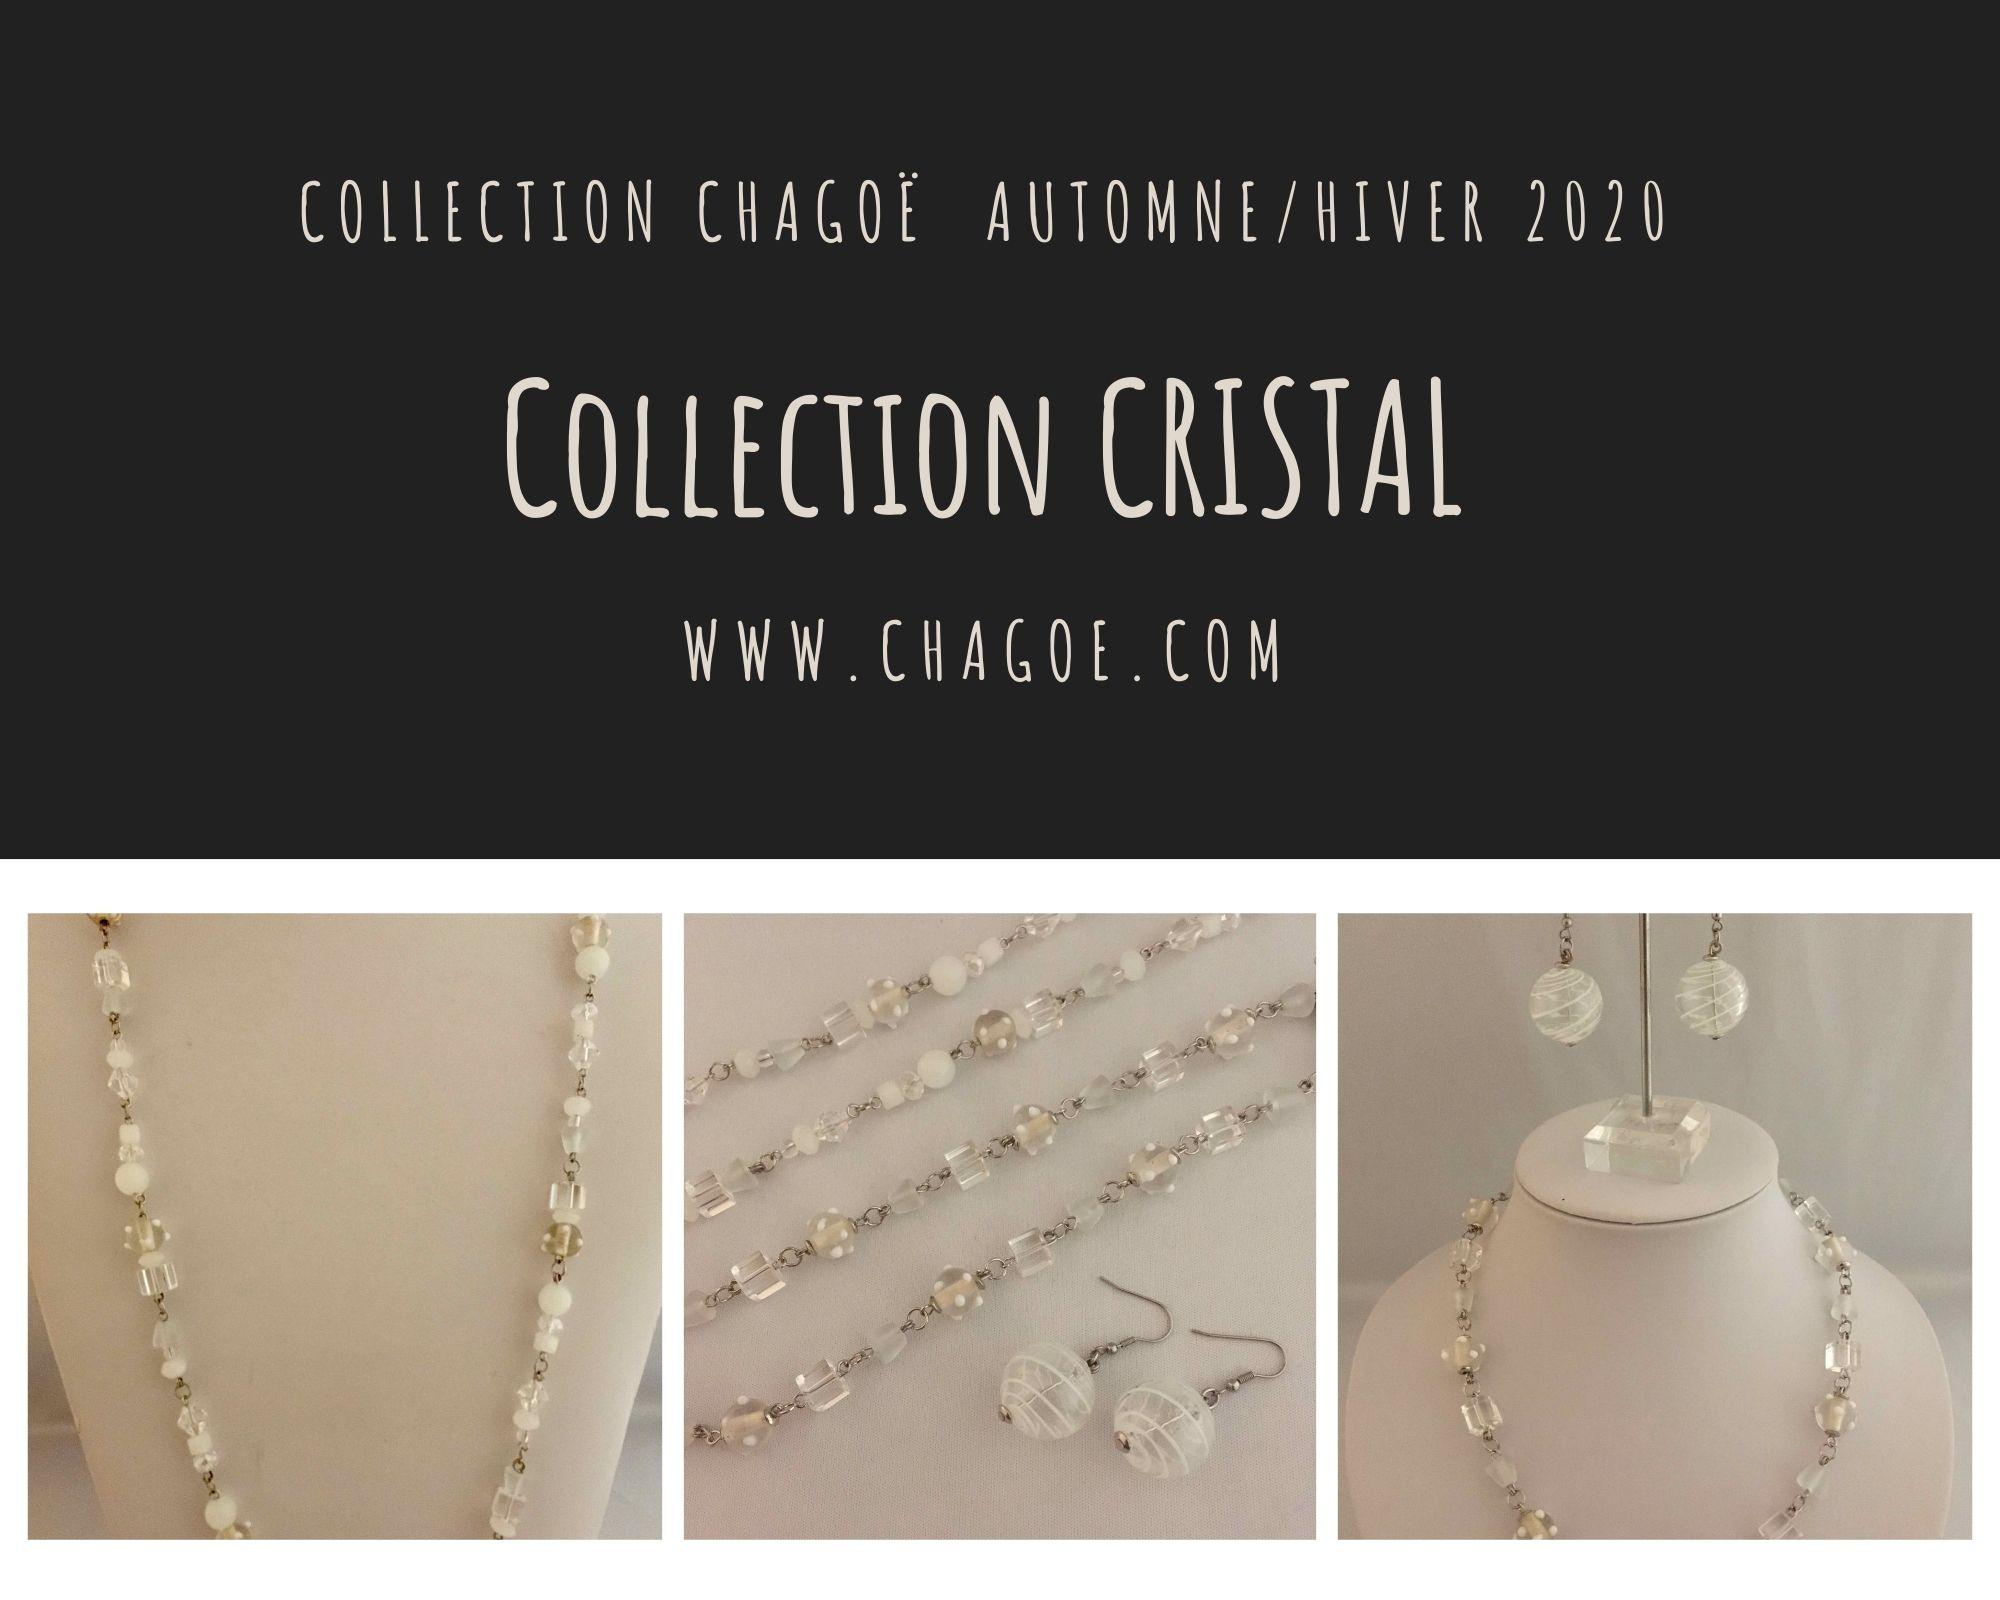 Collection CRISTAL Chagoë , Automne/Hiver 2020